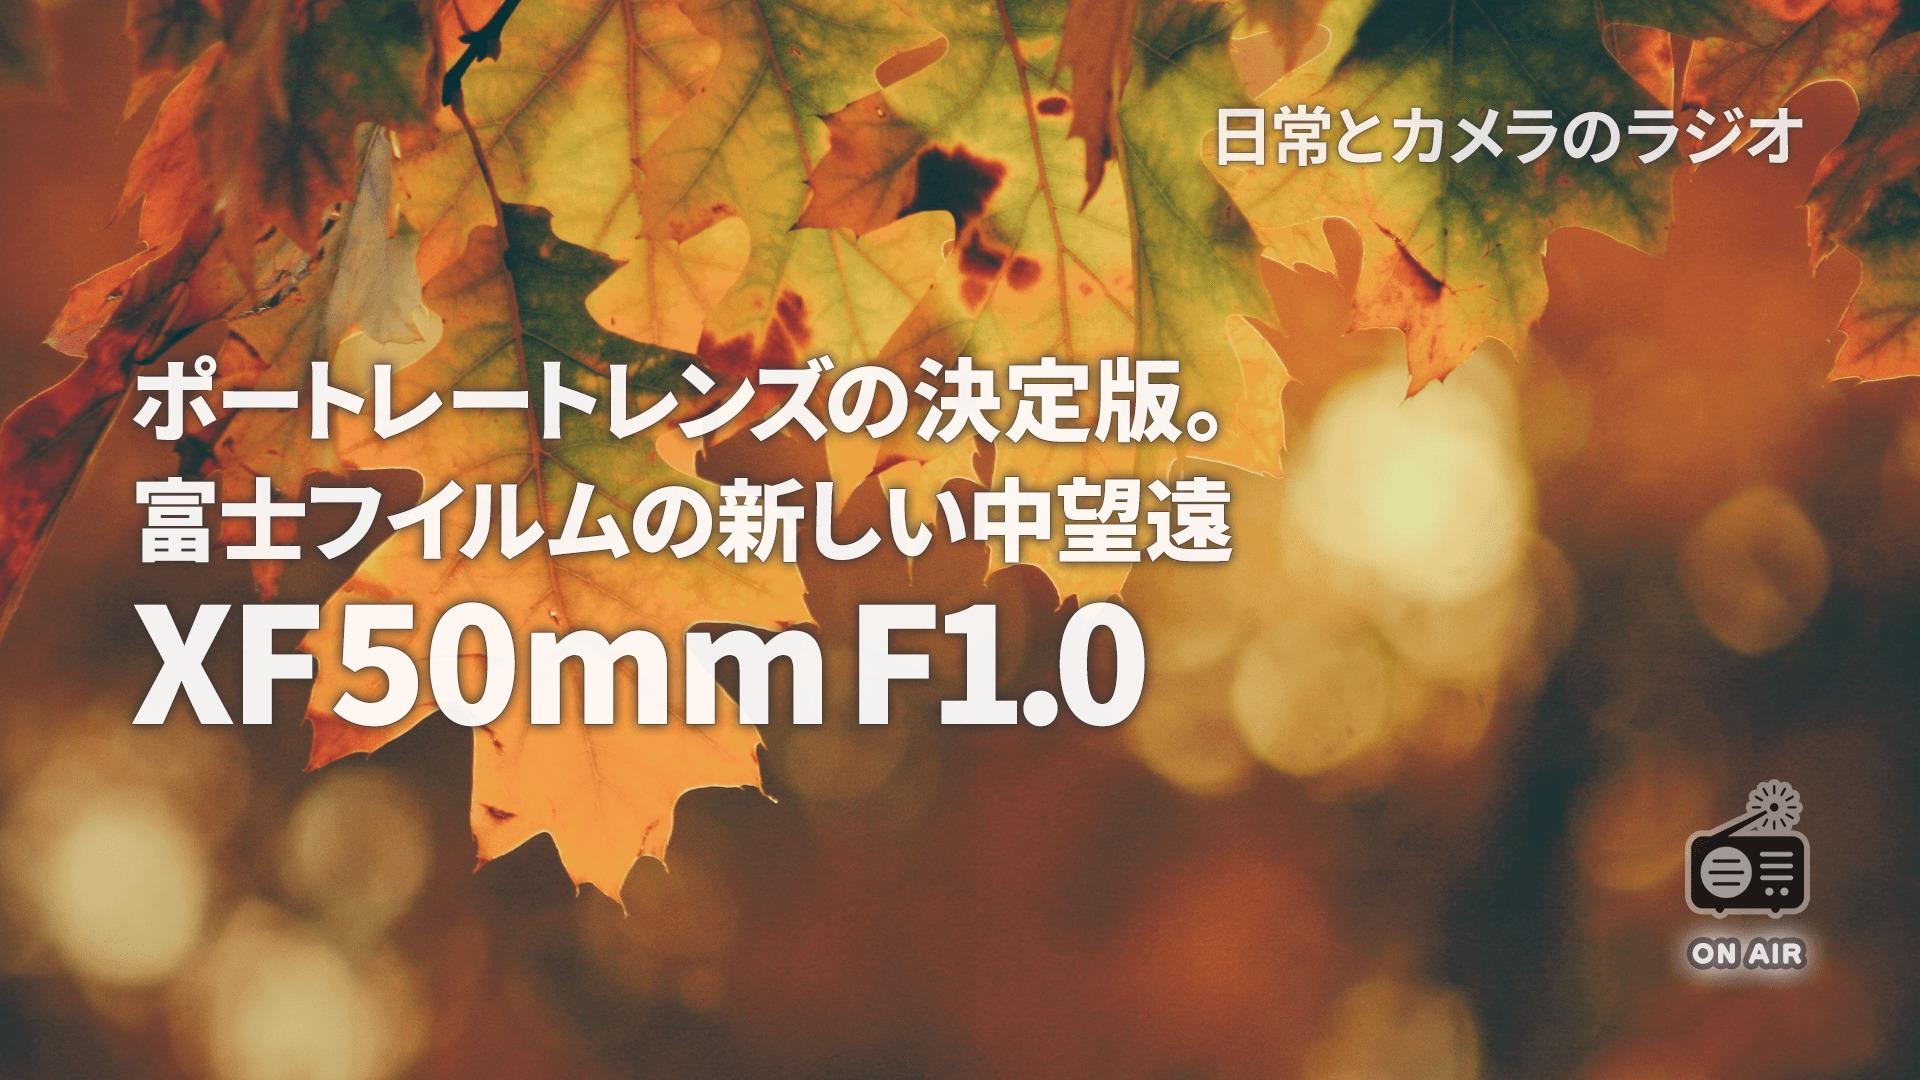 ポートレートレンズの決定版。富士フイルムの新しい中望遠XF50mmF1.0